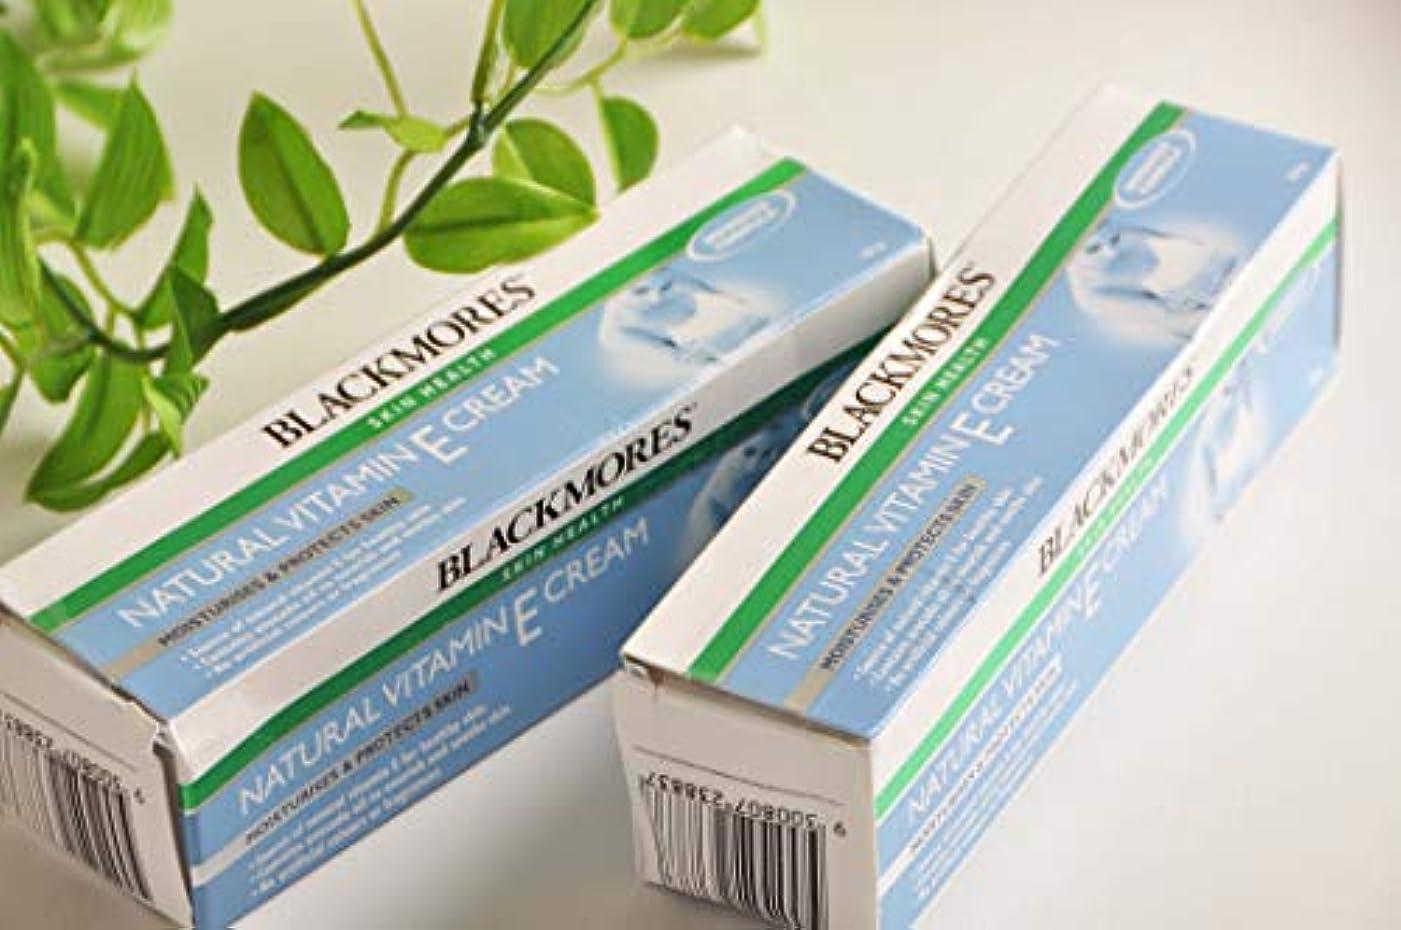 バンカンガルー先駆者BLACKMORES(ブラックモアズ) ナチュラル ビタミンE クリーム 【海外直送品】 [並行輸入品]